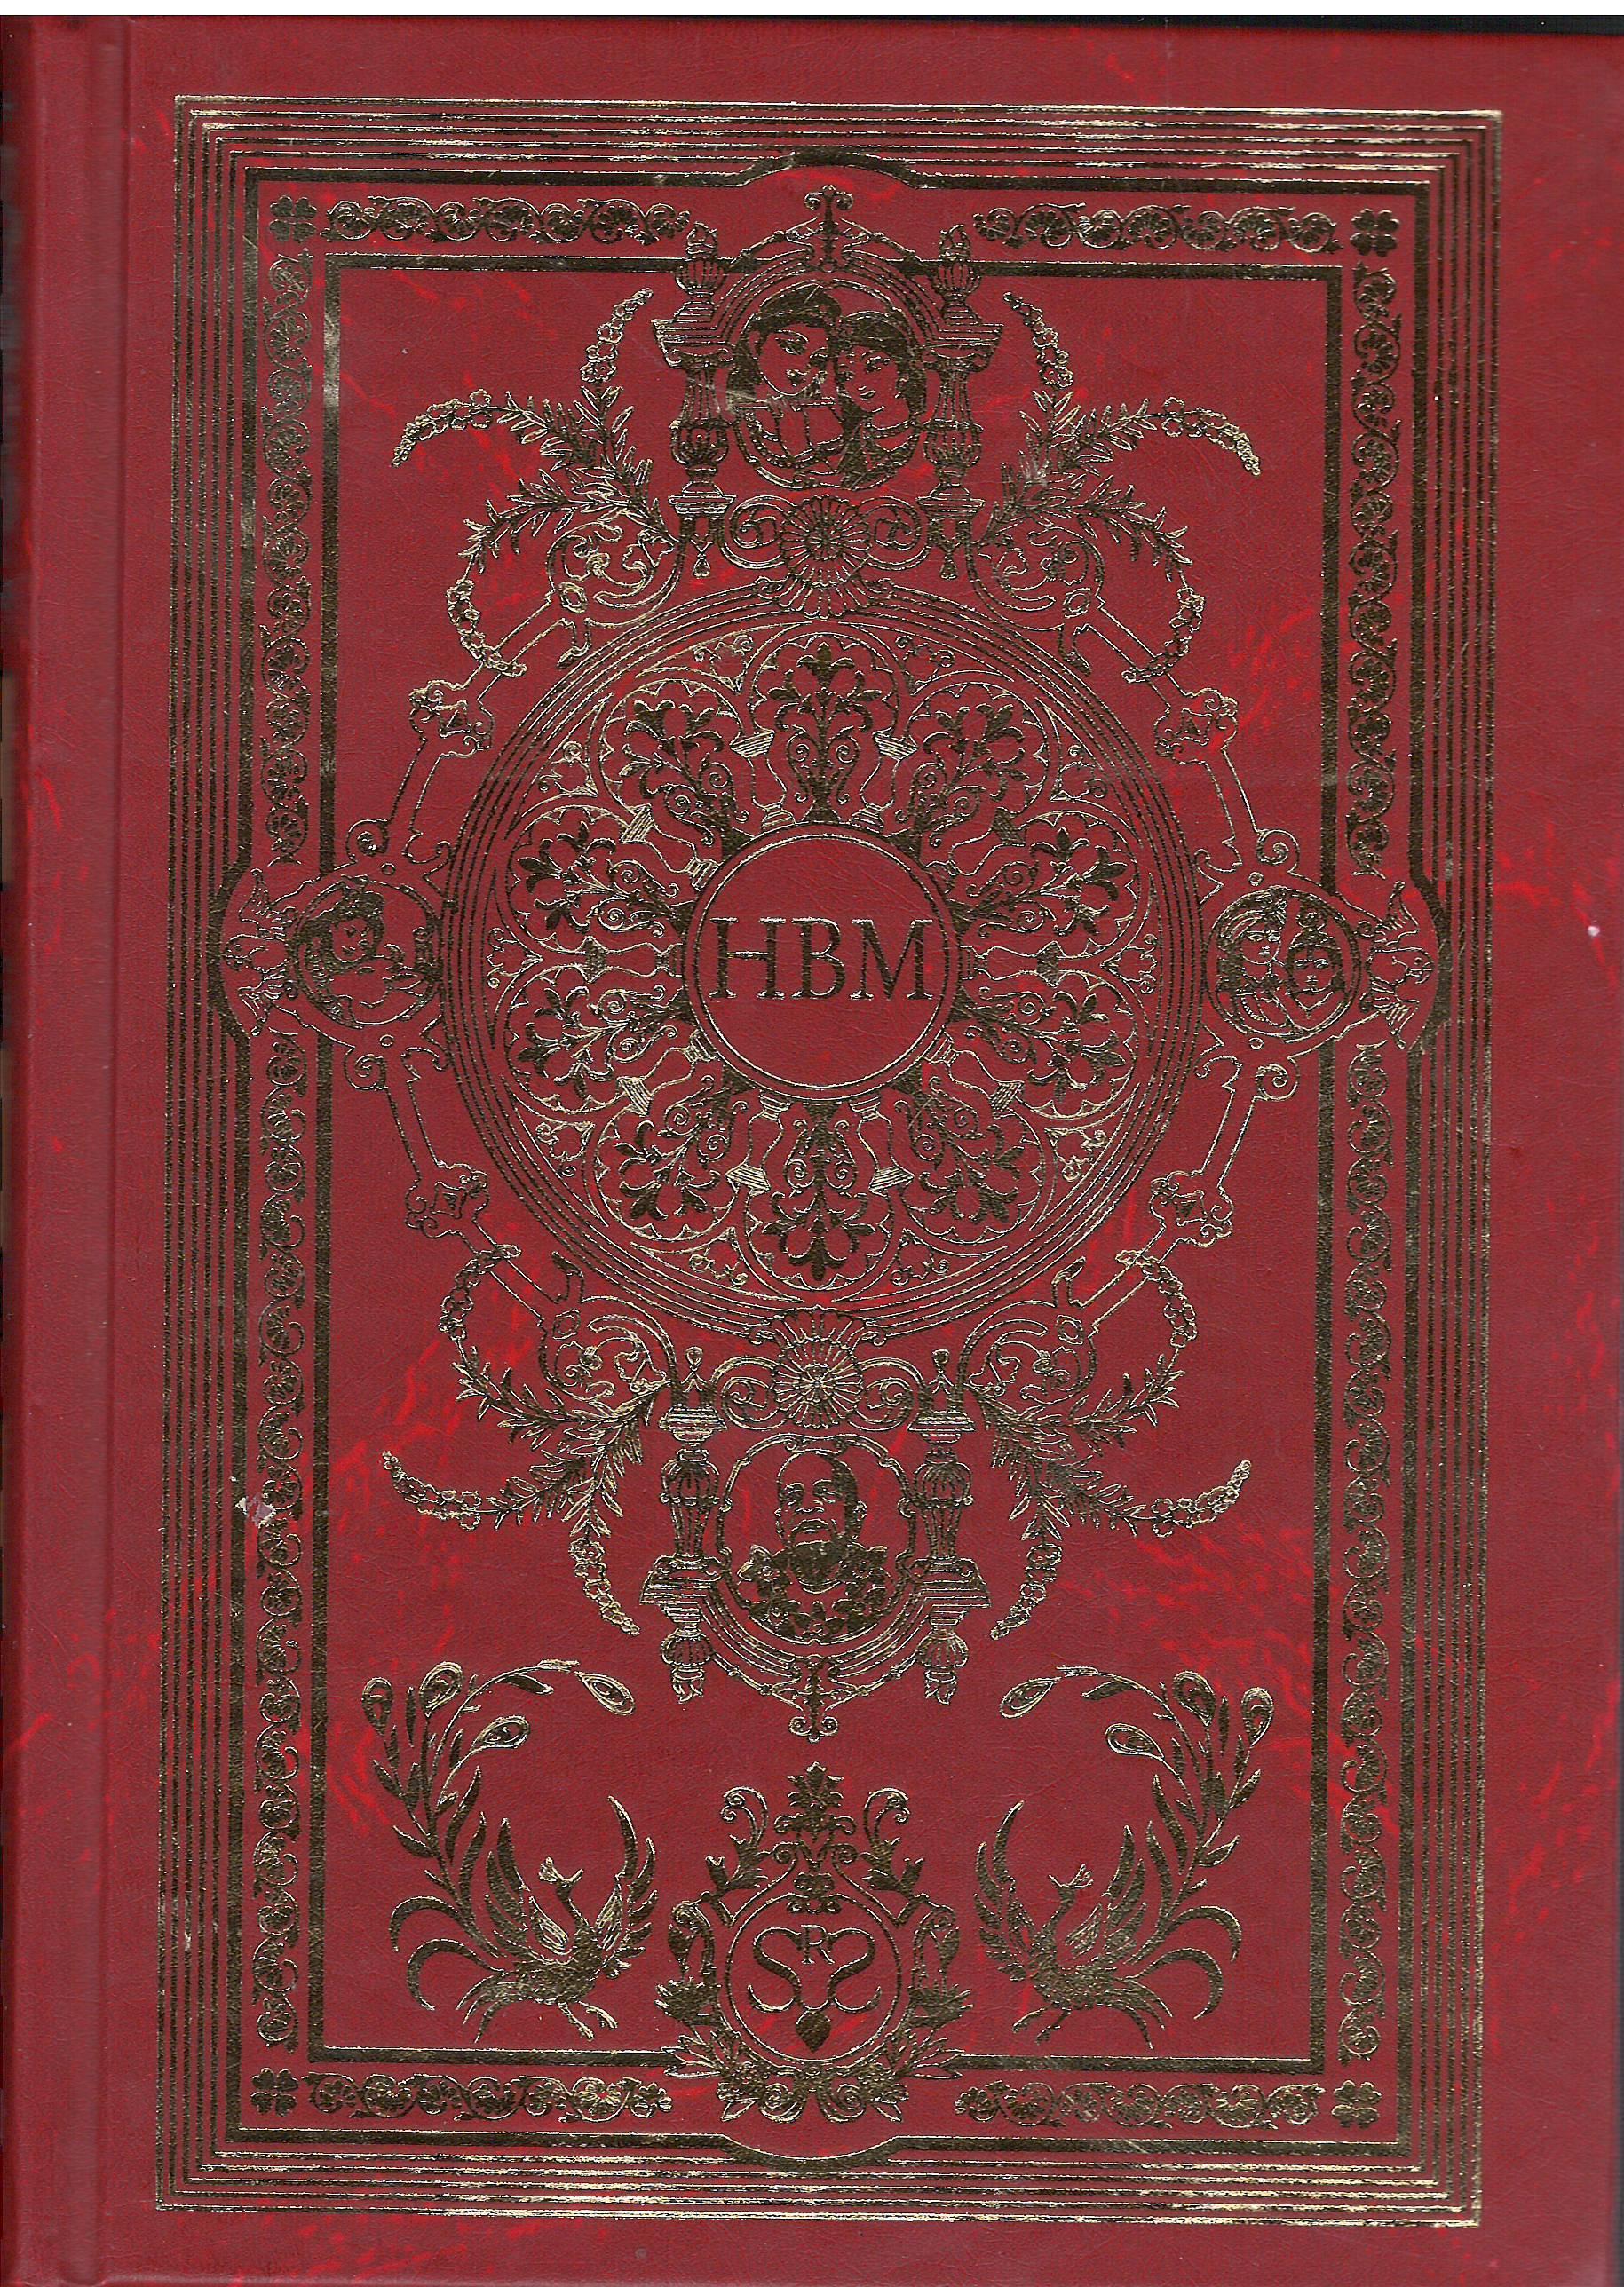 Шивананда Свами Нава-Враджа-махима. Том 1 шивананда свами нава враджа махима том 1